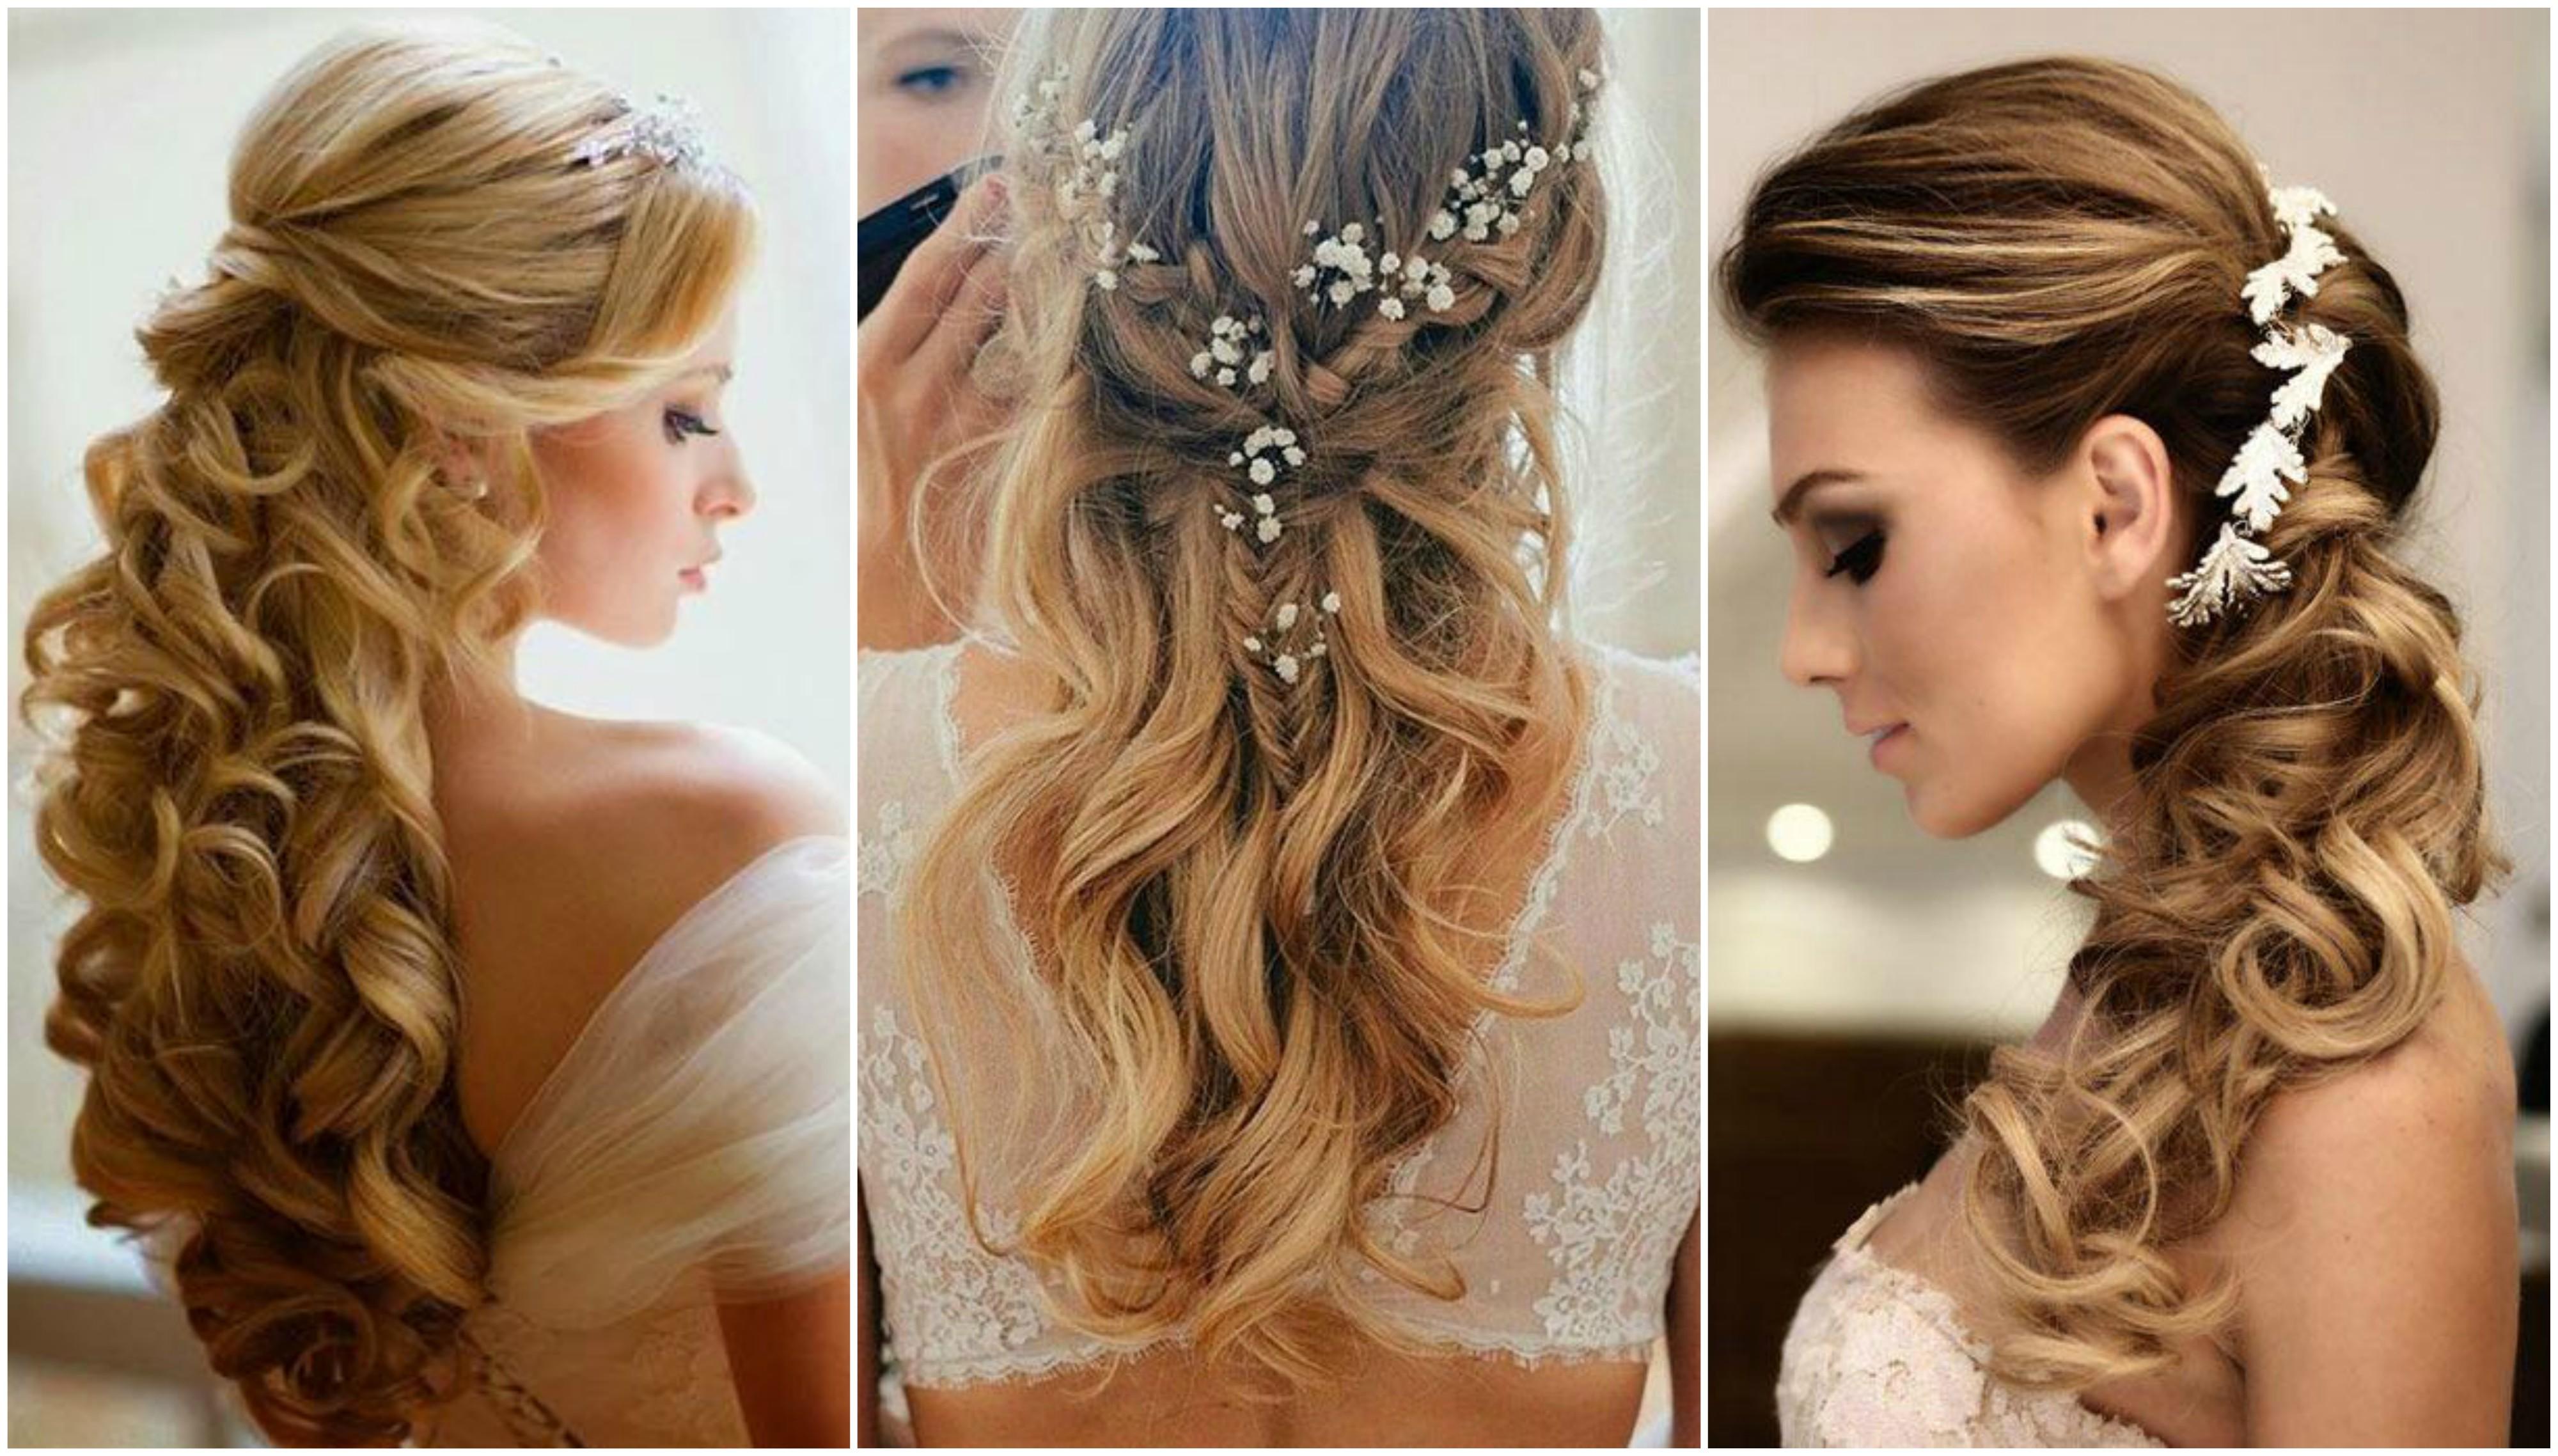 Közeleg a nagy nap és neked még ötleted sincs, hogy milyen frizurával állsz majd az oltár elé? Mutatjuk kedvenceinket esküvői frizura hosszú hajból képpekkel!